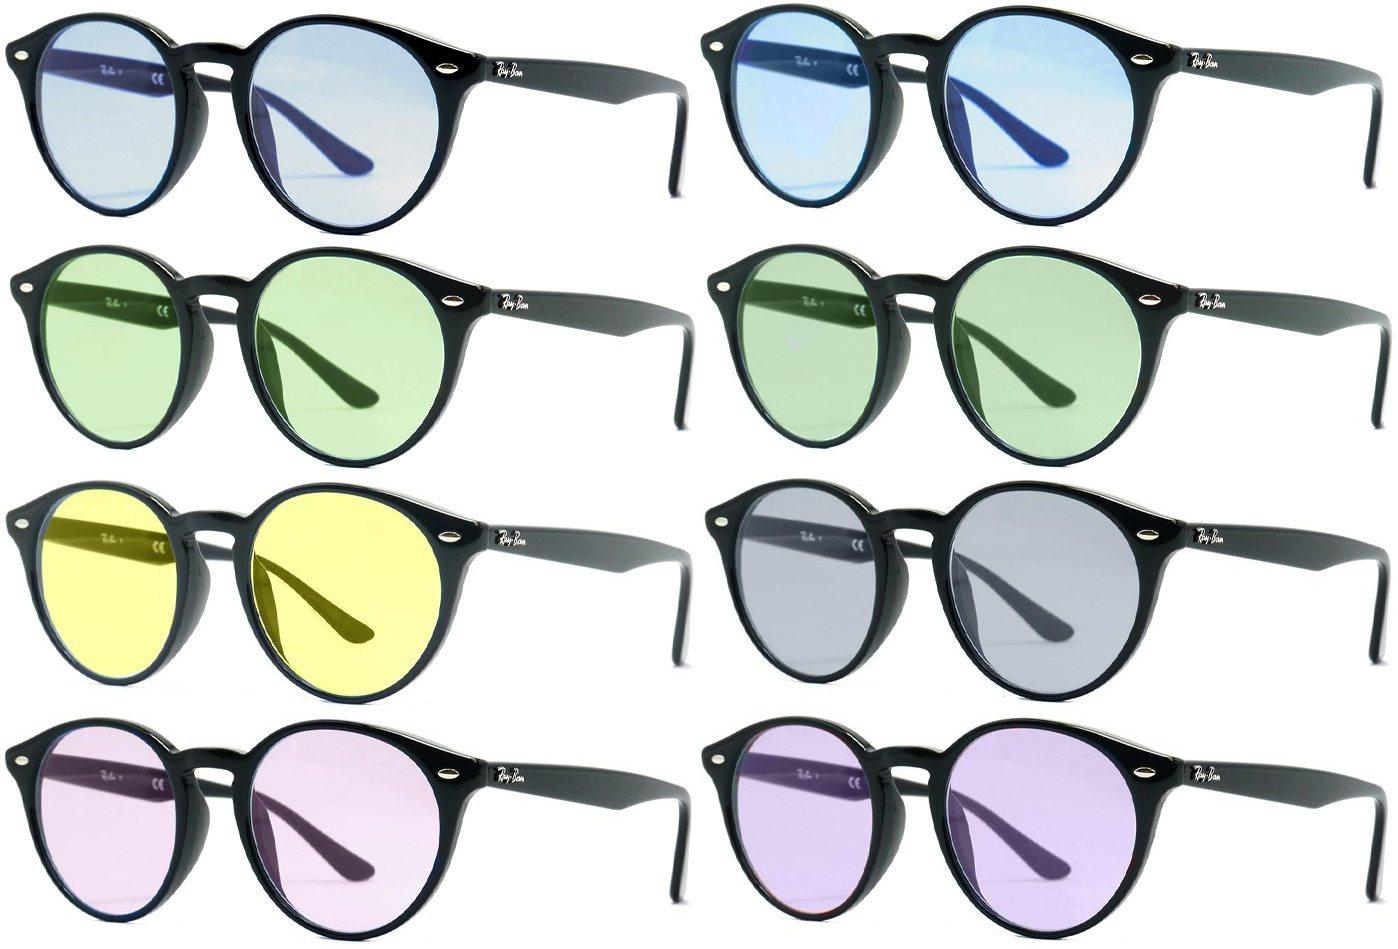 選べるカラーレンズ付き!レイバン RX2180VF 2000 51サイズ Ray-Banレイバン メガネフレーム アジアンフィットRB2180VF 2000 51サイズ メガネ フレーム 眼鏡 めがね レディース メンズ 伊達メガネ メガネフレーム